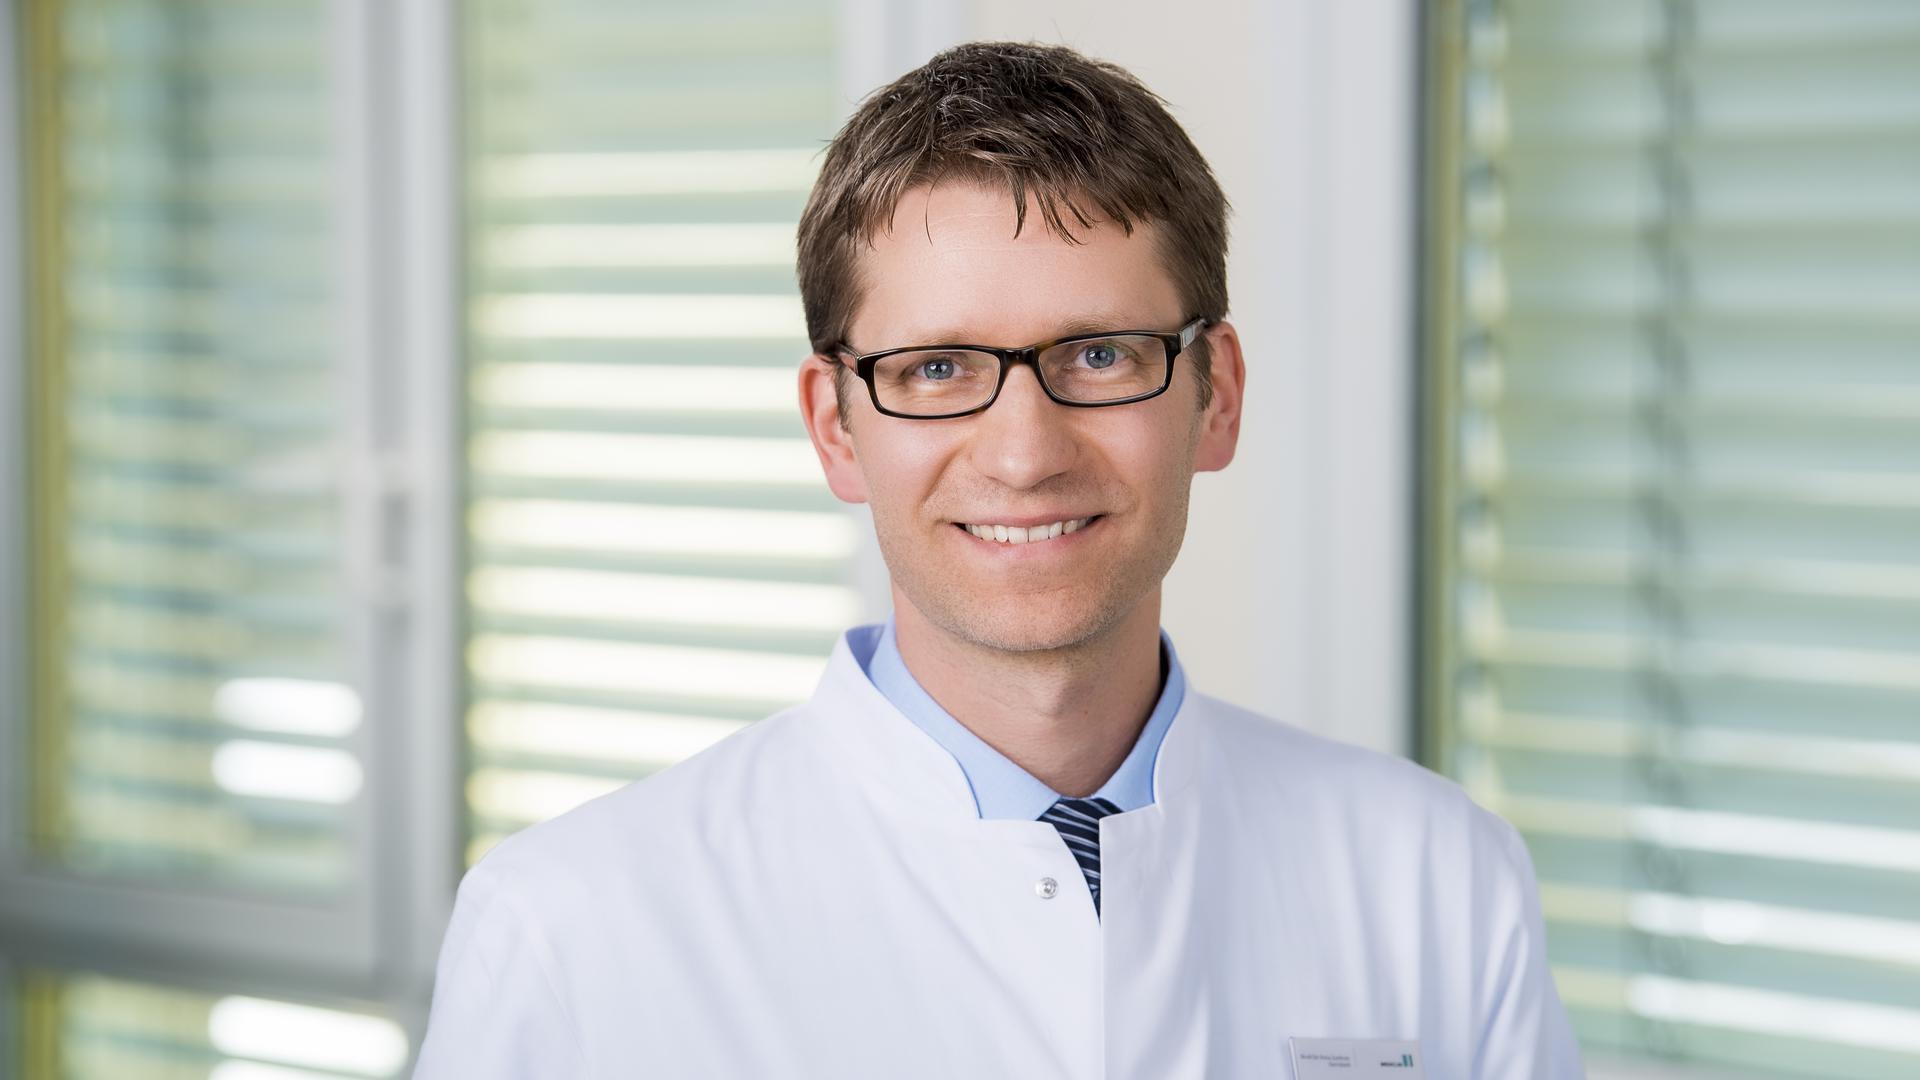 Rat vom Fachmann: Christian Wolf bittet eindringlich darum, bei Anzeichen eines Schlaganfalls einen Arzt aufzusuchen – lieber einmal zu viel als einmal zu wenig. Er ist Chefarzt in der Fachklinik für Neurologie im Mediclin Reha-Zentrum Gernsbach.